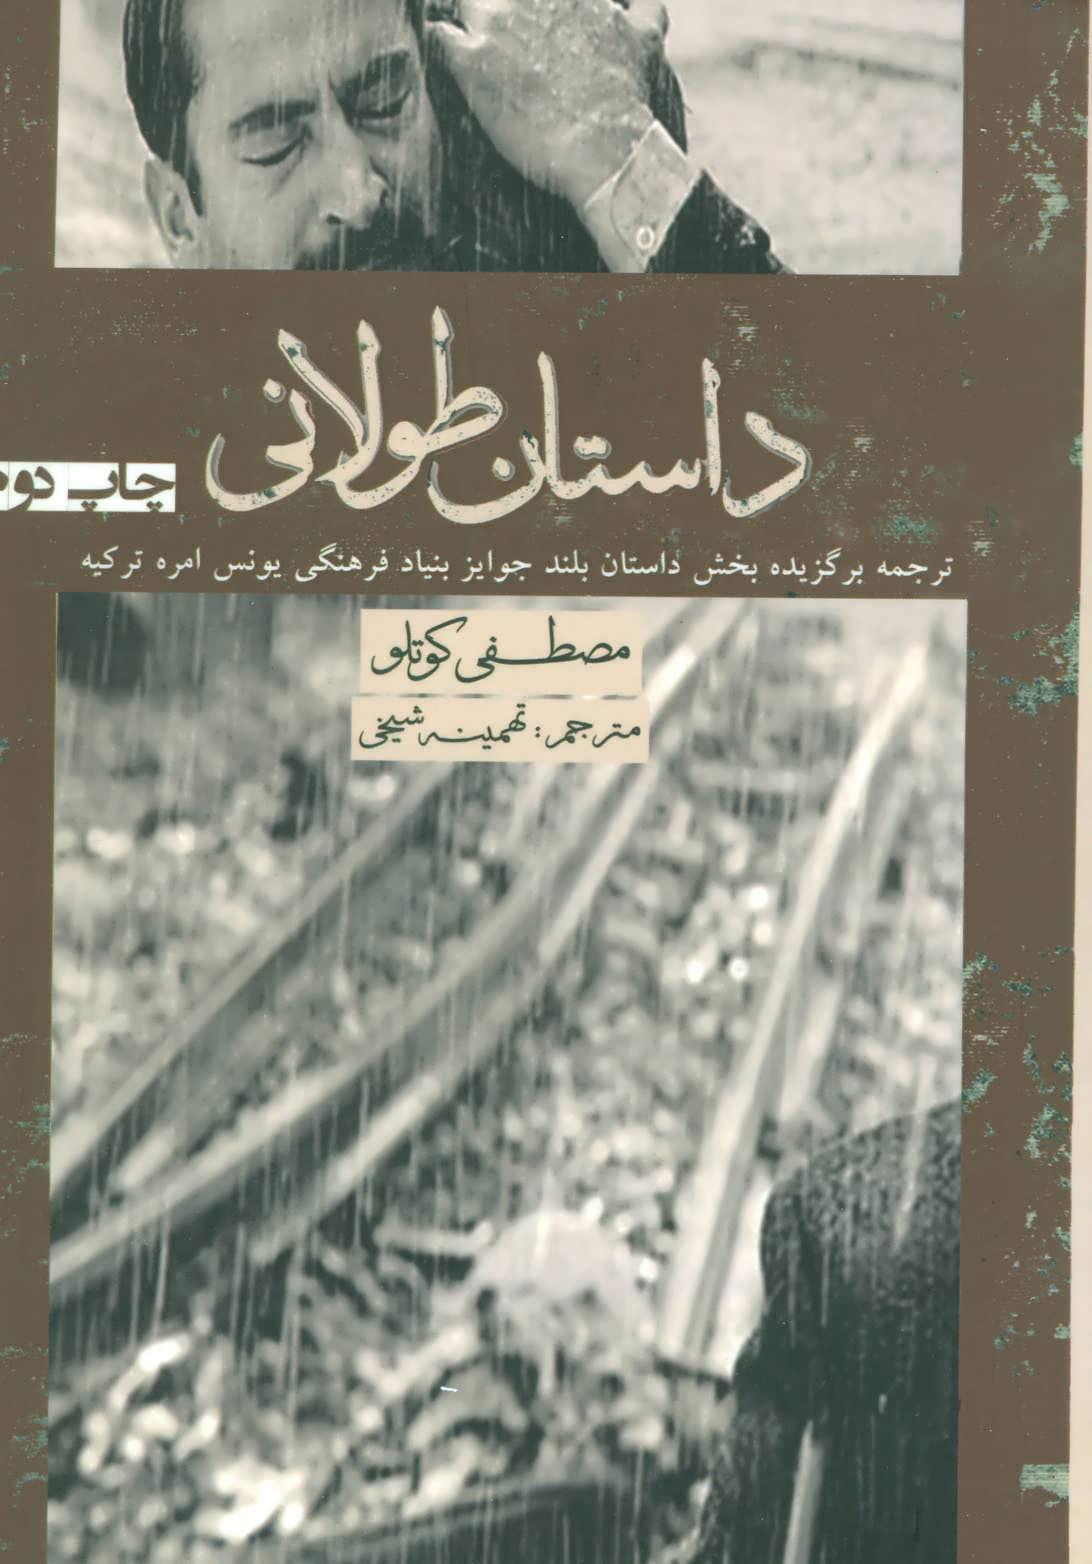 کتاب داستان طولانی